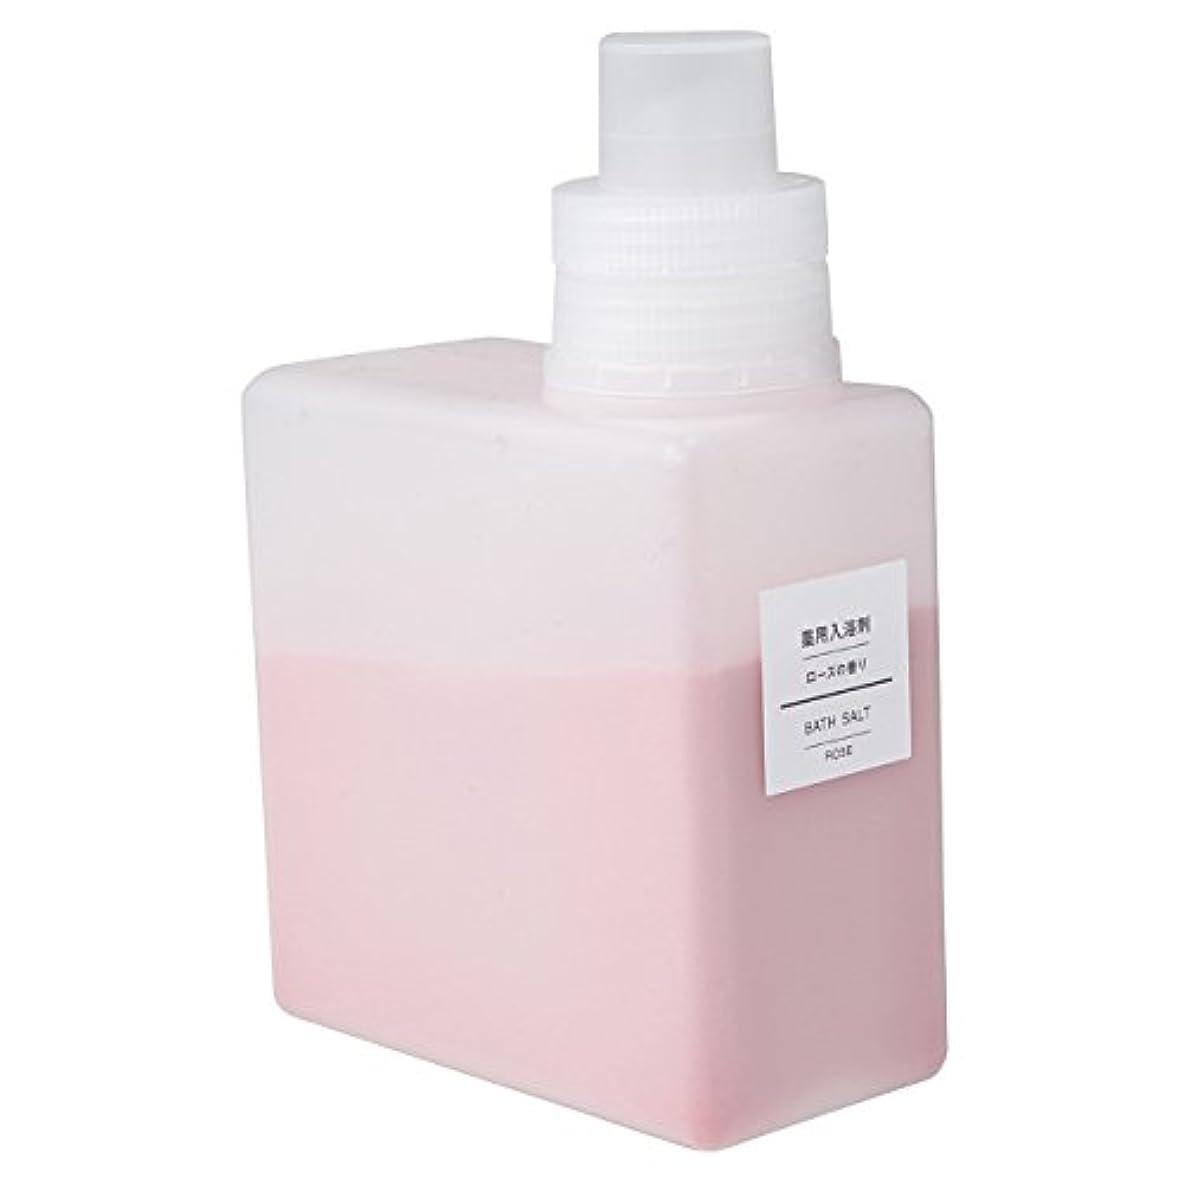 成分バーチャル従来の無印良品 薬用入浴剤?ローズの香り (新)500g 日本製